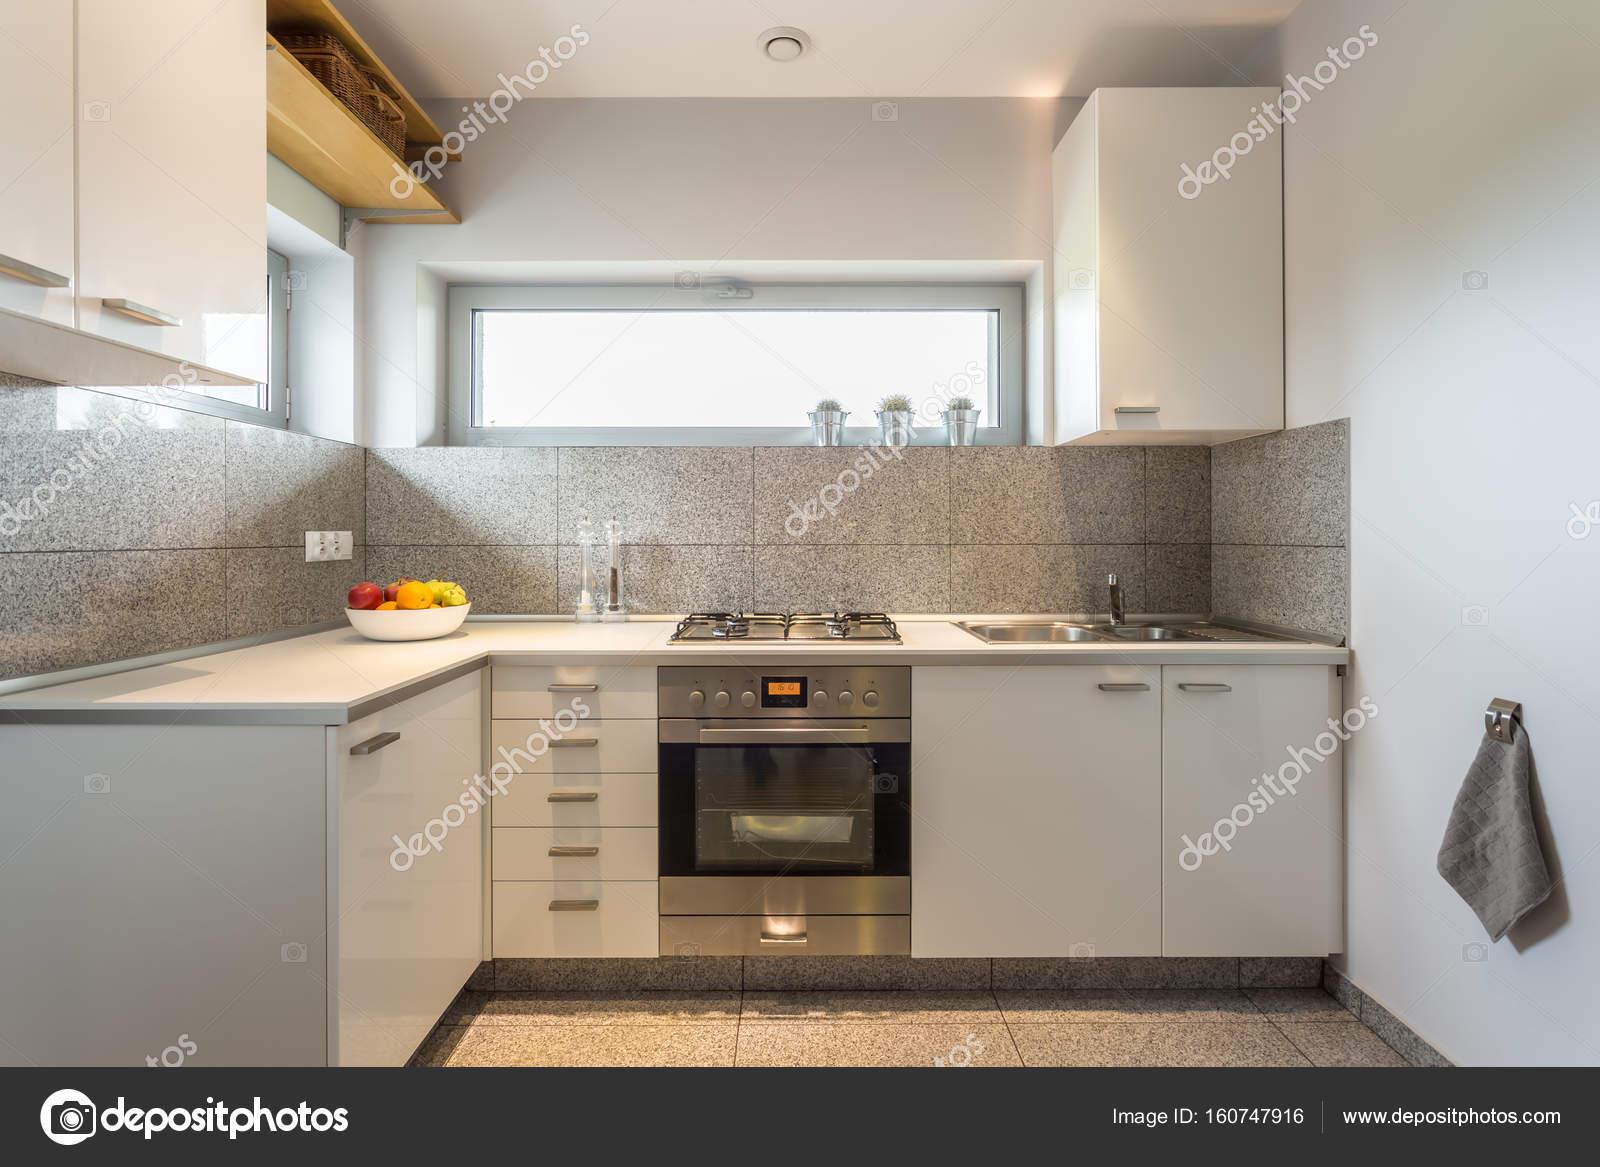 Keuken Witte Kleine : Kleine keuken met witte muren u2014 stockfoto © photographee.eu #160747916